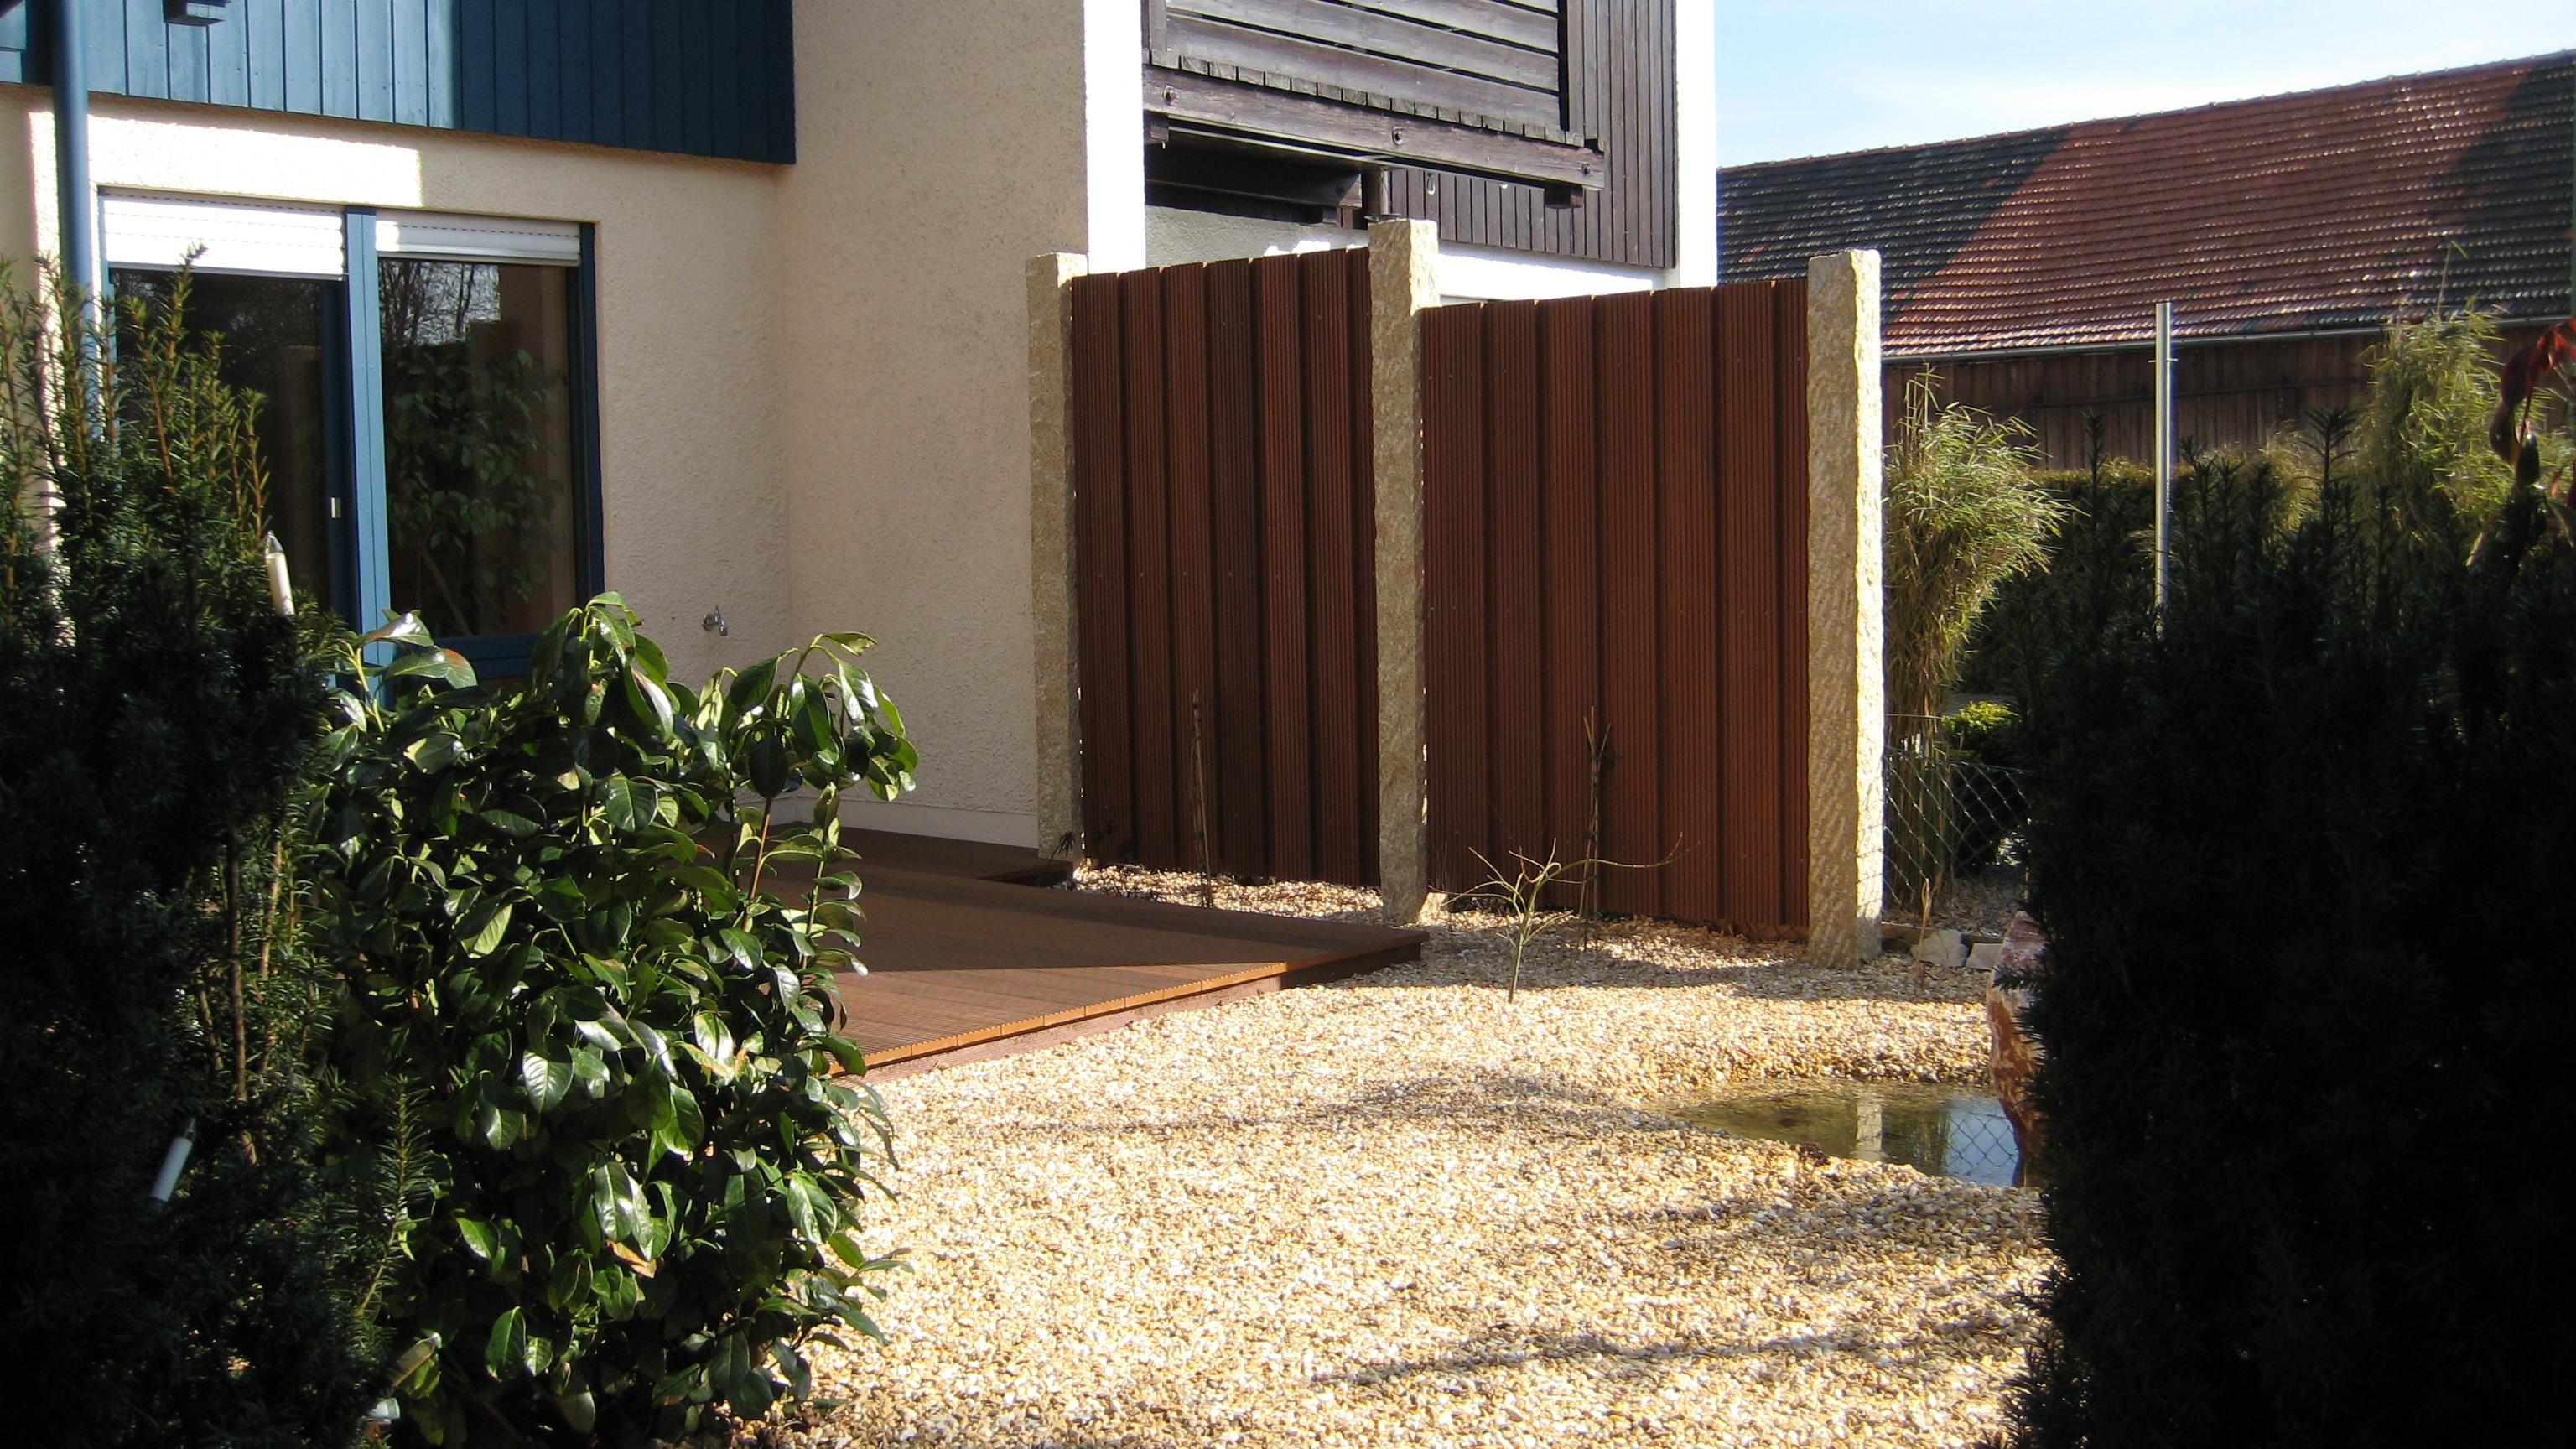 Schön Sichtschutz Garten Ideen Bilder Schema